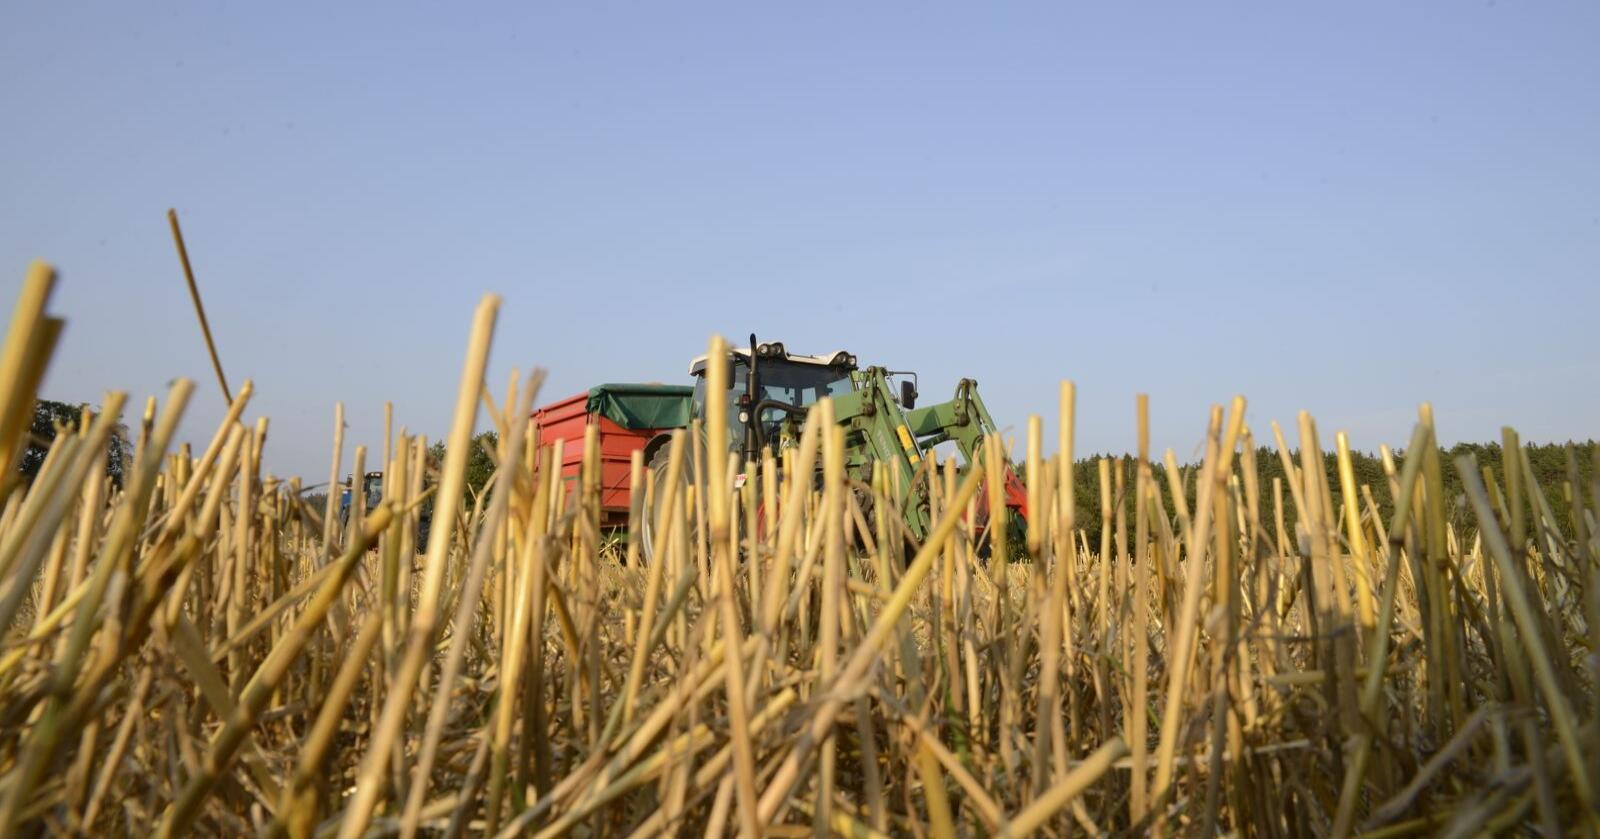 Litt over tre av ti bønder har lønnet arbeid ved siden av gårdsdrifta, kommer det fram i en ny rapport. Foto: Mariann Tvete